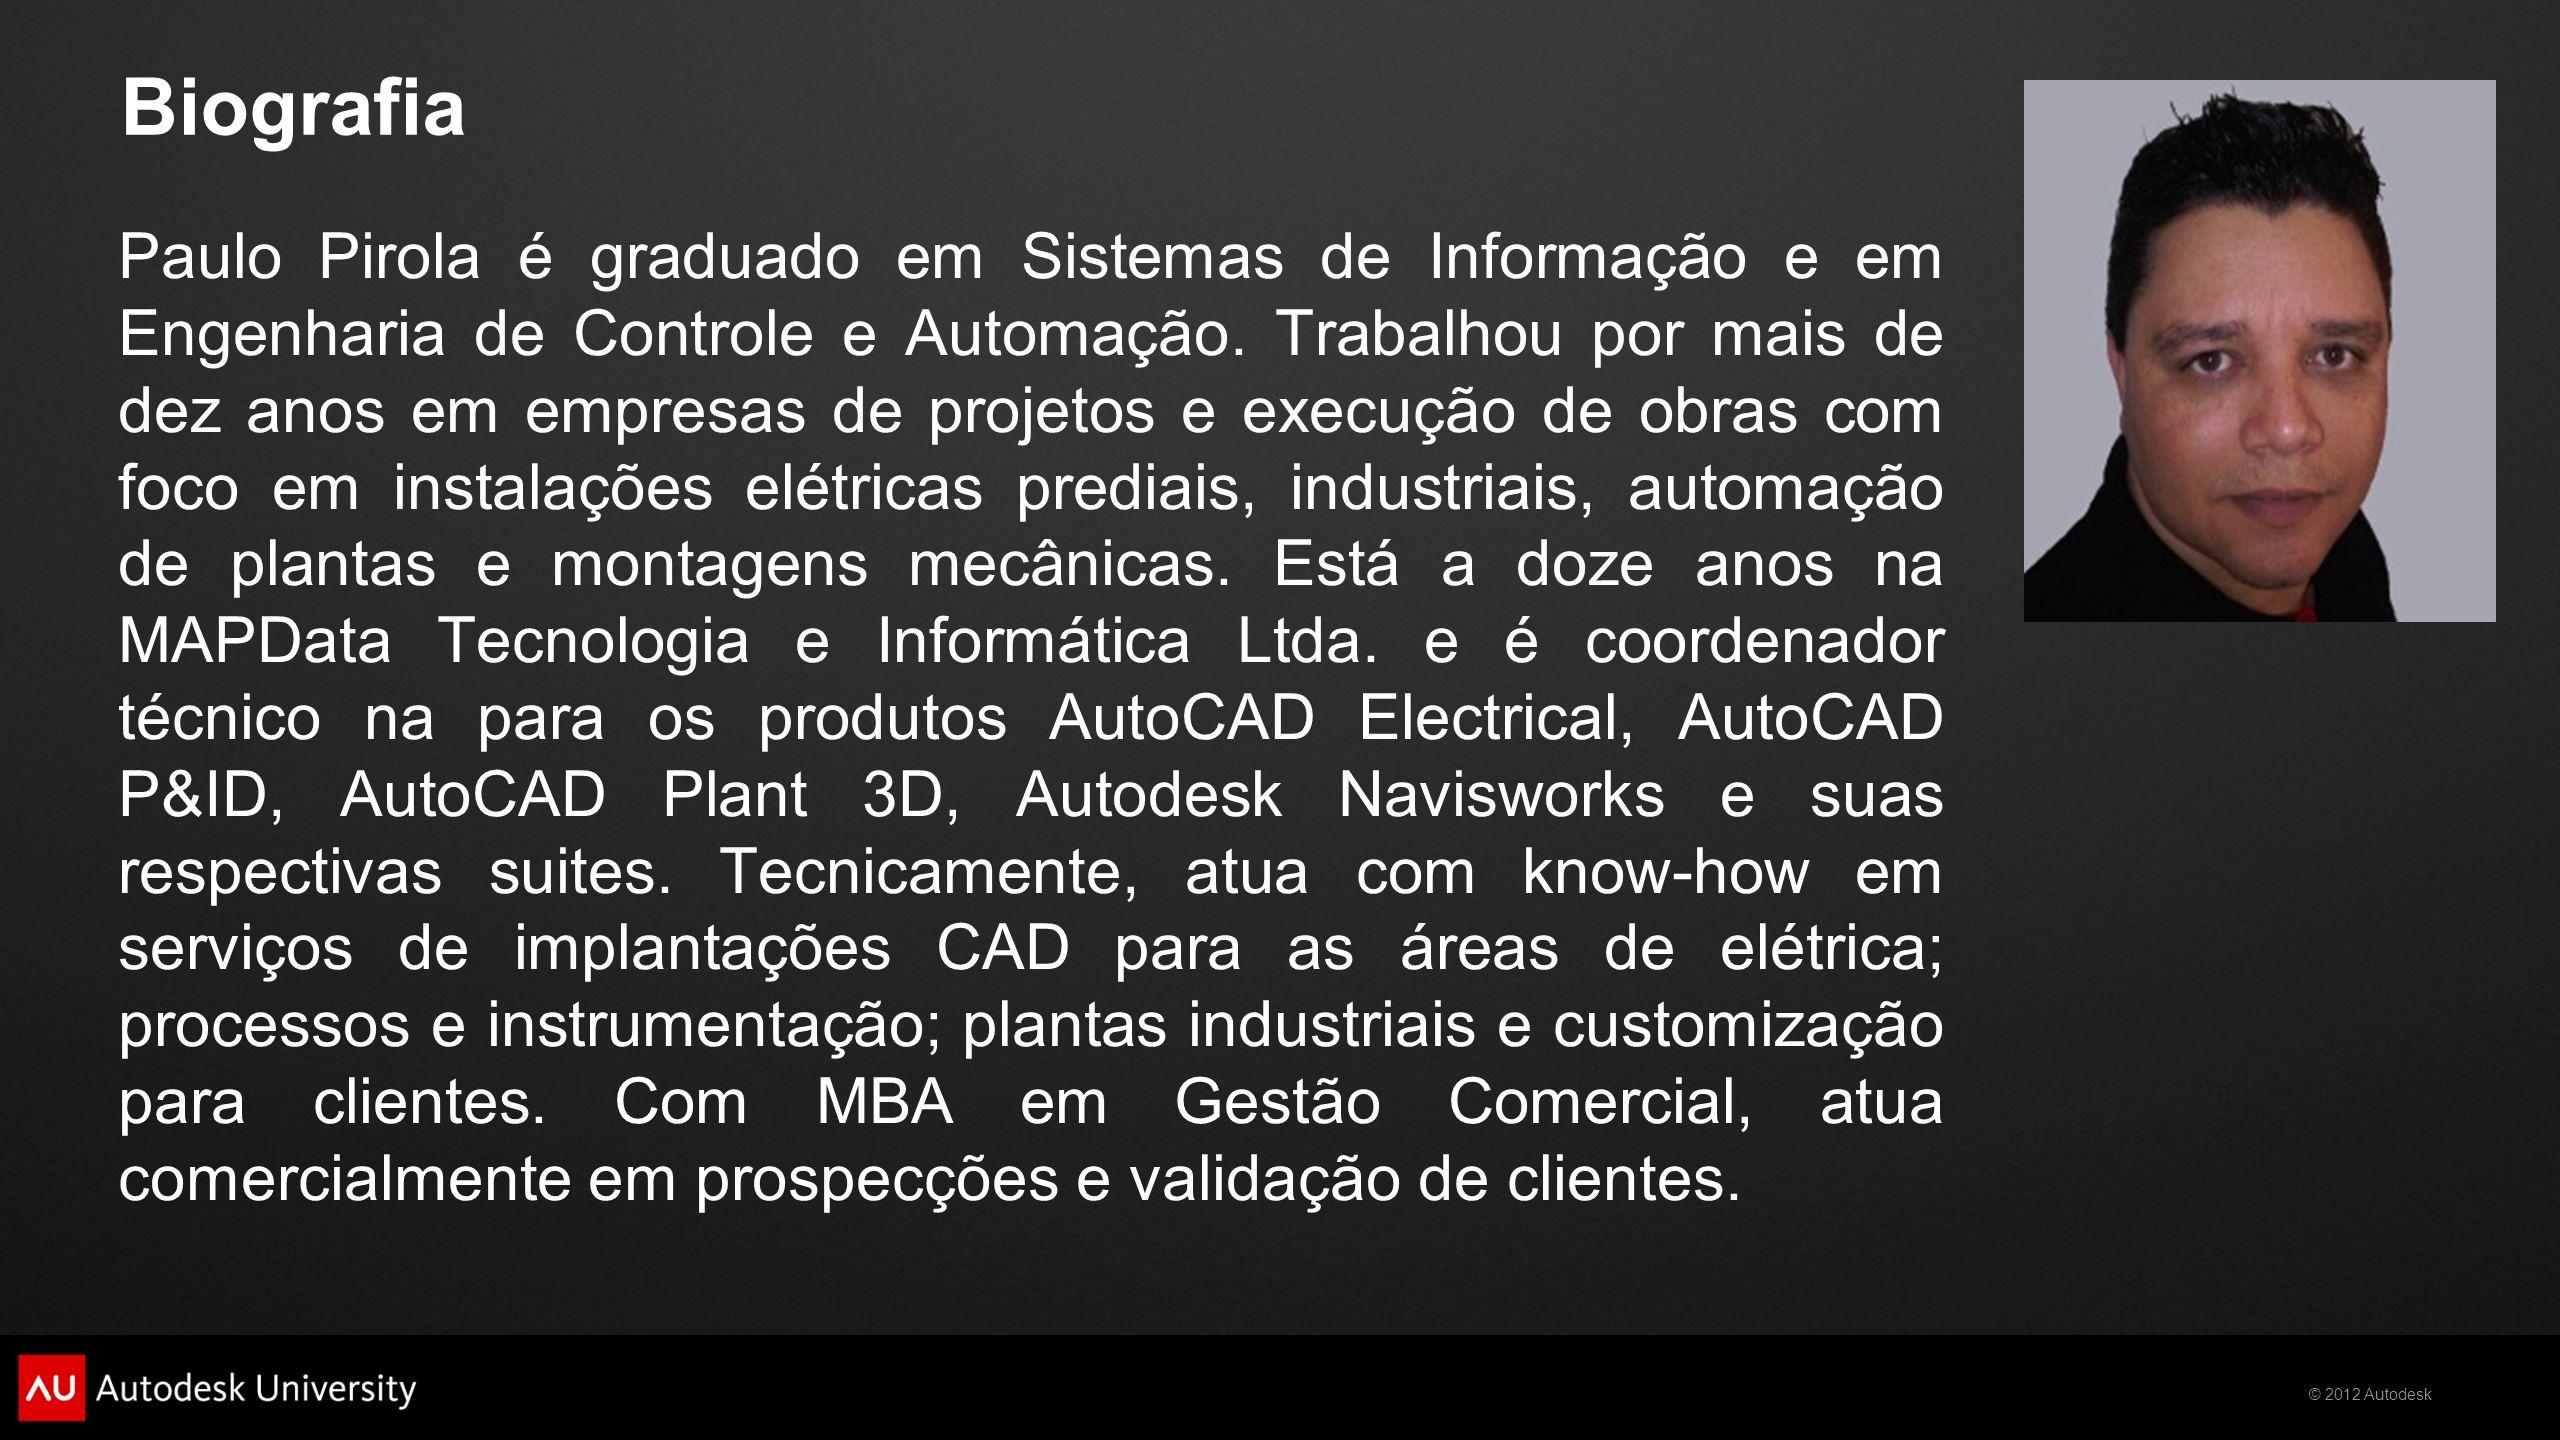 © 2012 Autodesk Biografia Paulo Pirola é graduado em Sistemas de Informação e em Engenharia de Controle e Automação. Trabalhou por mais de dez anos em